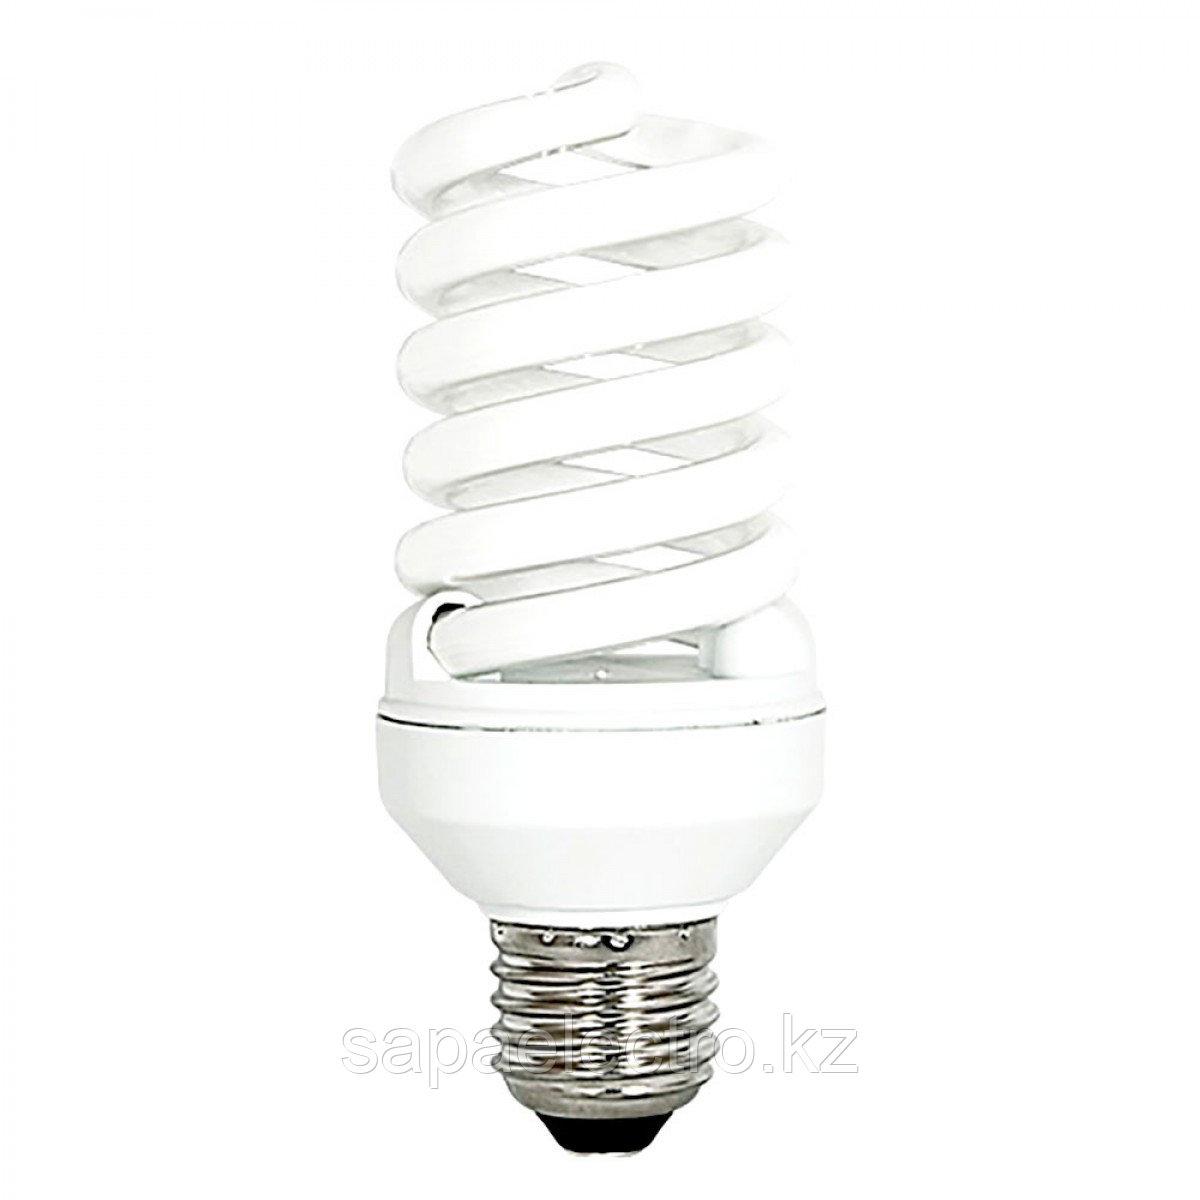 Лампа SPIRAL TINY  25W   E27   860   (TL) 50шт